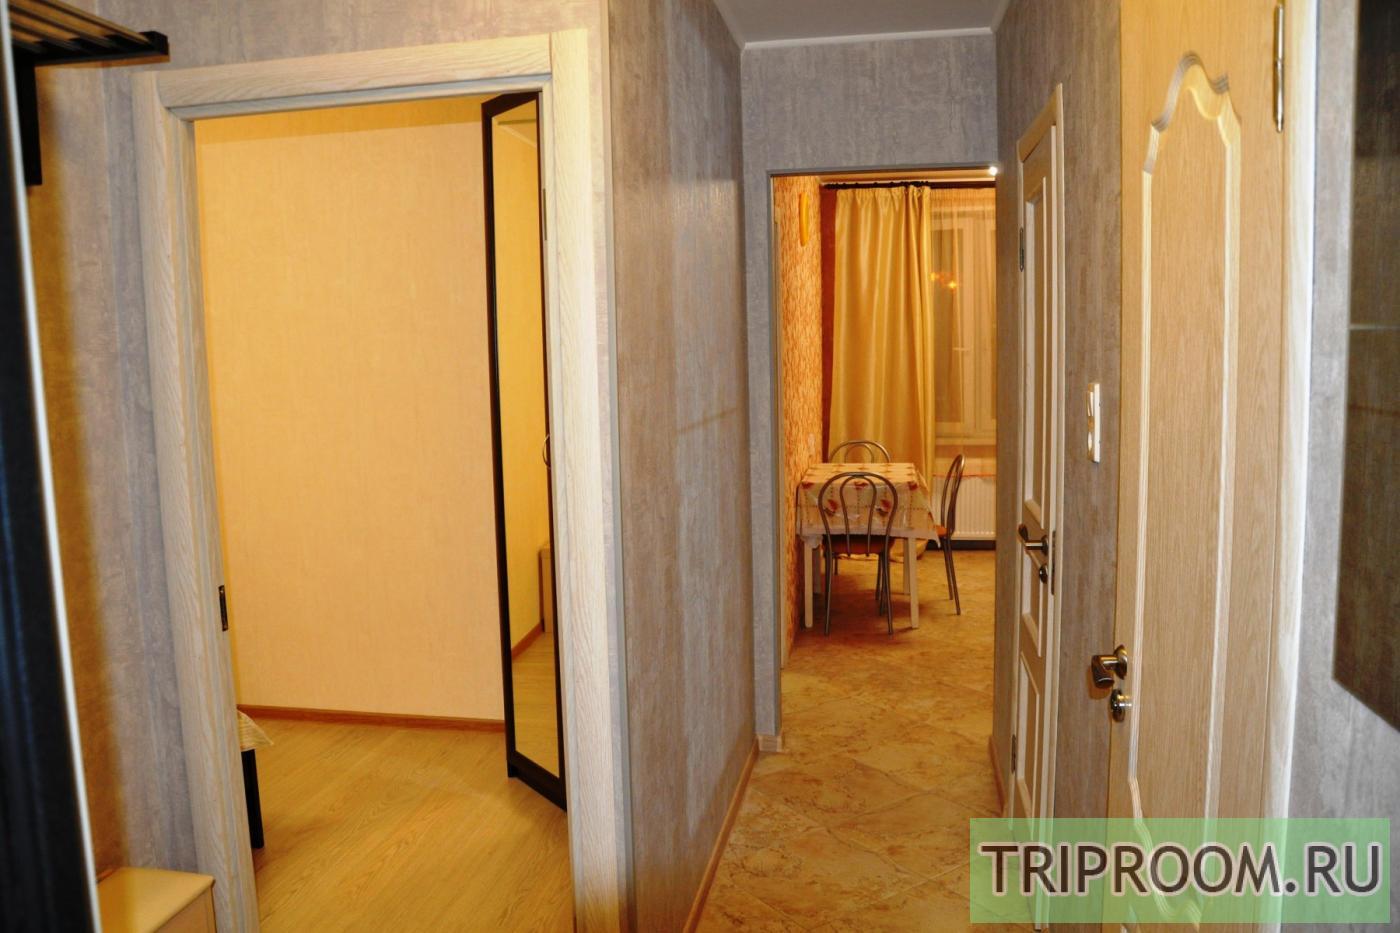 2-комнатная квартира посуточно (вариант № 22362), ул. Латышских Стрелков, фото № 8